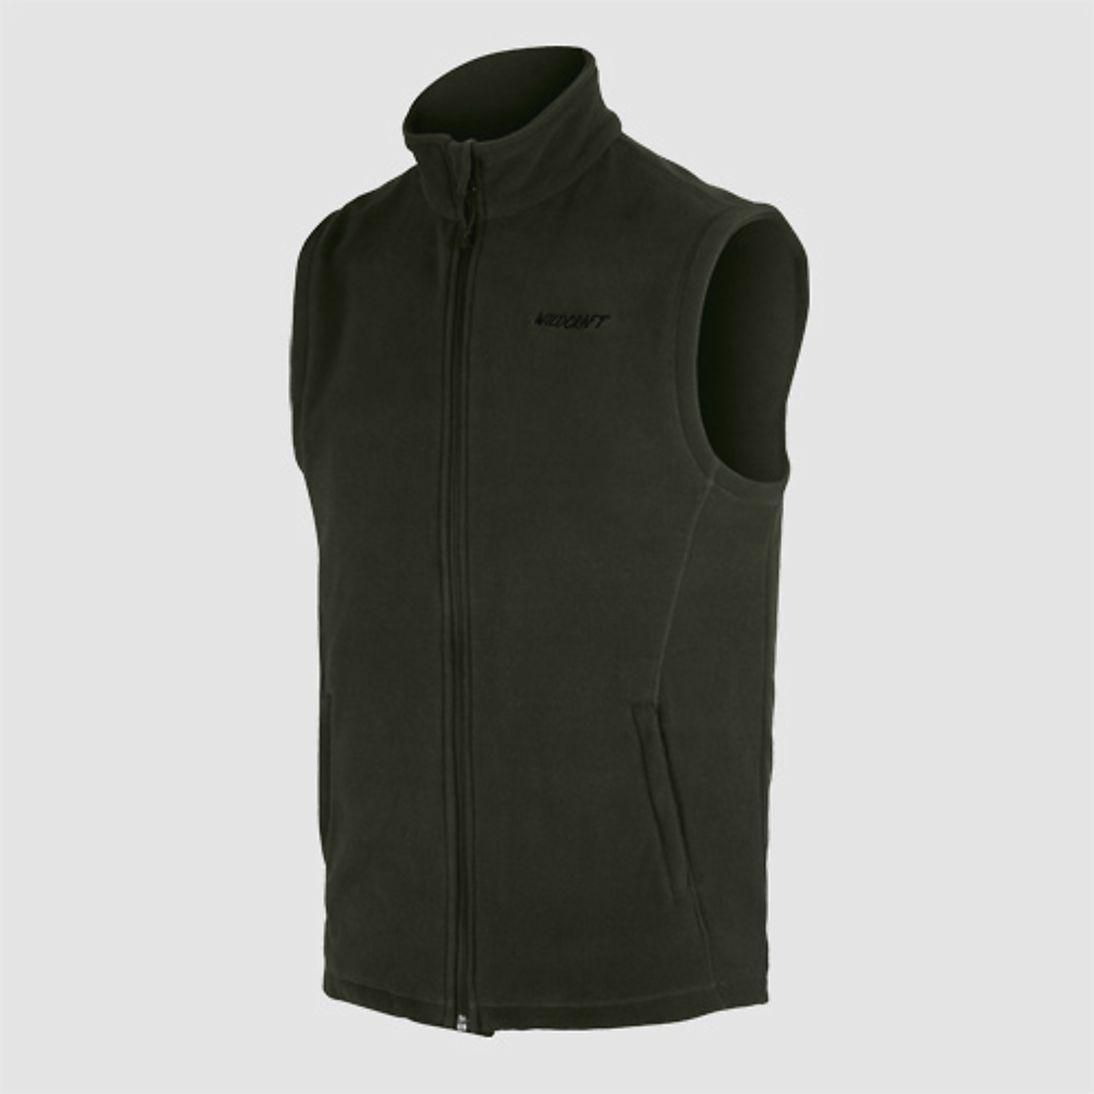 089c0028c Buy Wildcraft Men Winter Fleece Vest - Rosin Green Online   Sweatshirts &  Pullovers at Wildcraft